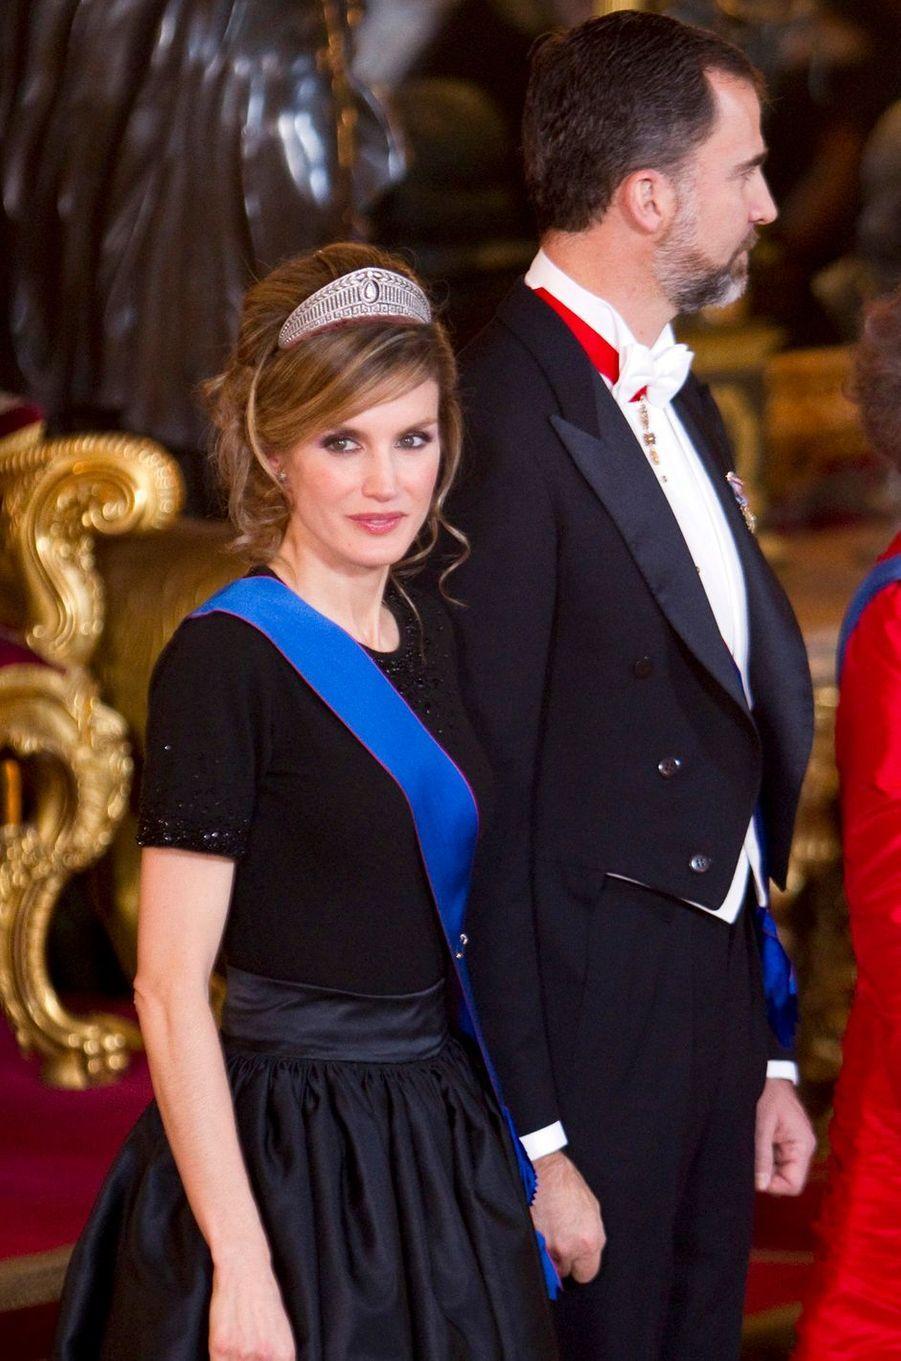 La princesse Letizia et le prince Felipe d'Espagne, le 7 mars 2011